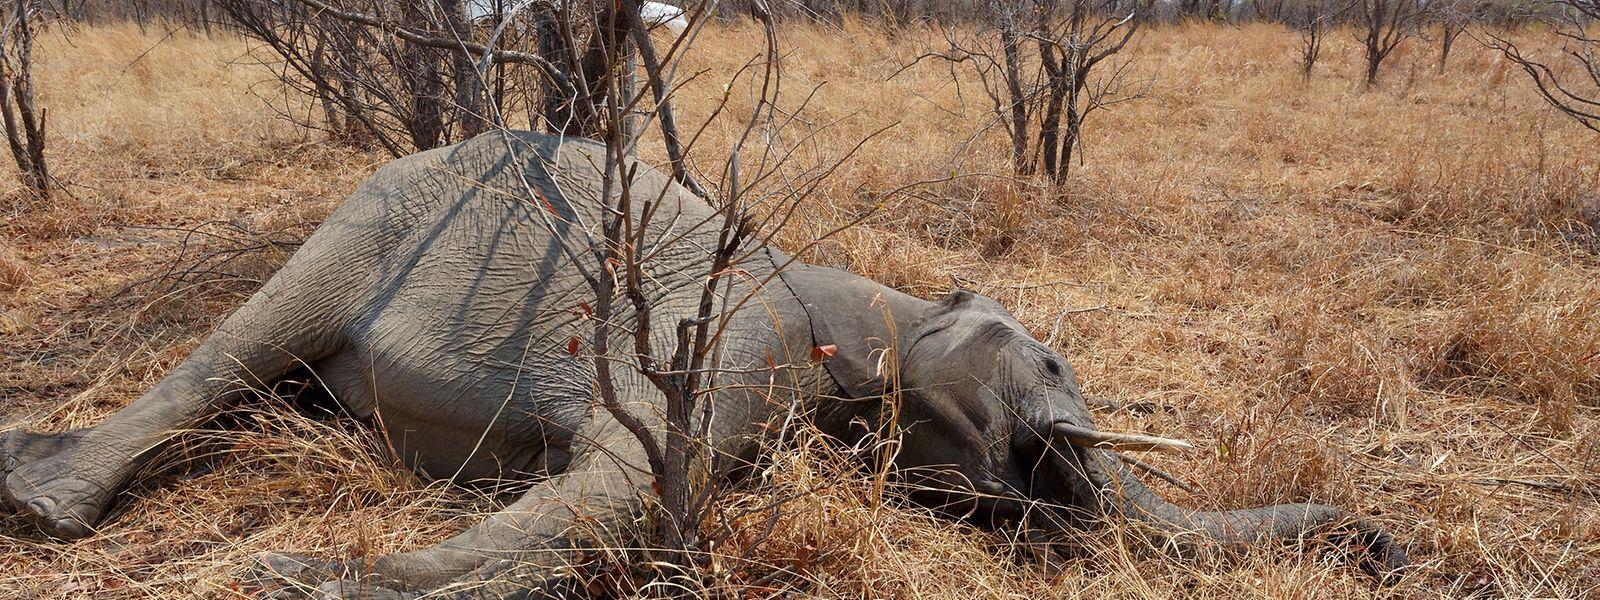 Die Dickhäuter werden wegen des Elfenbeins massakriert.